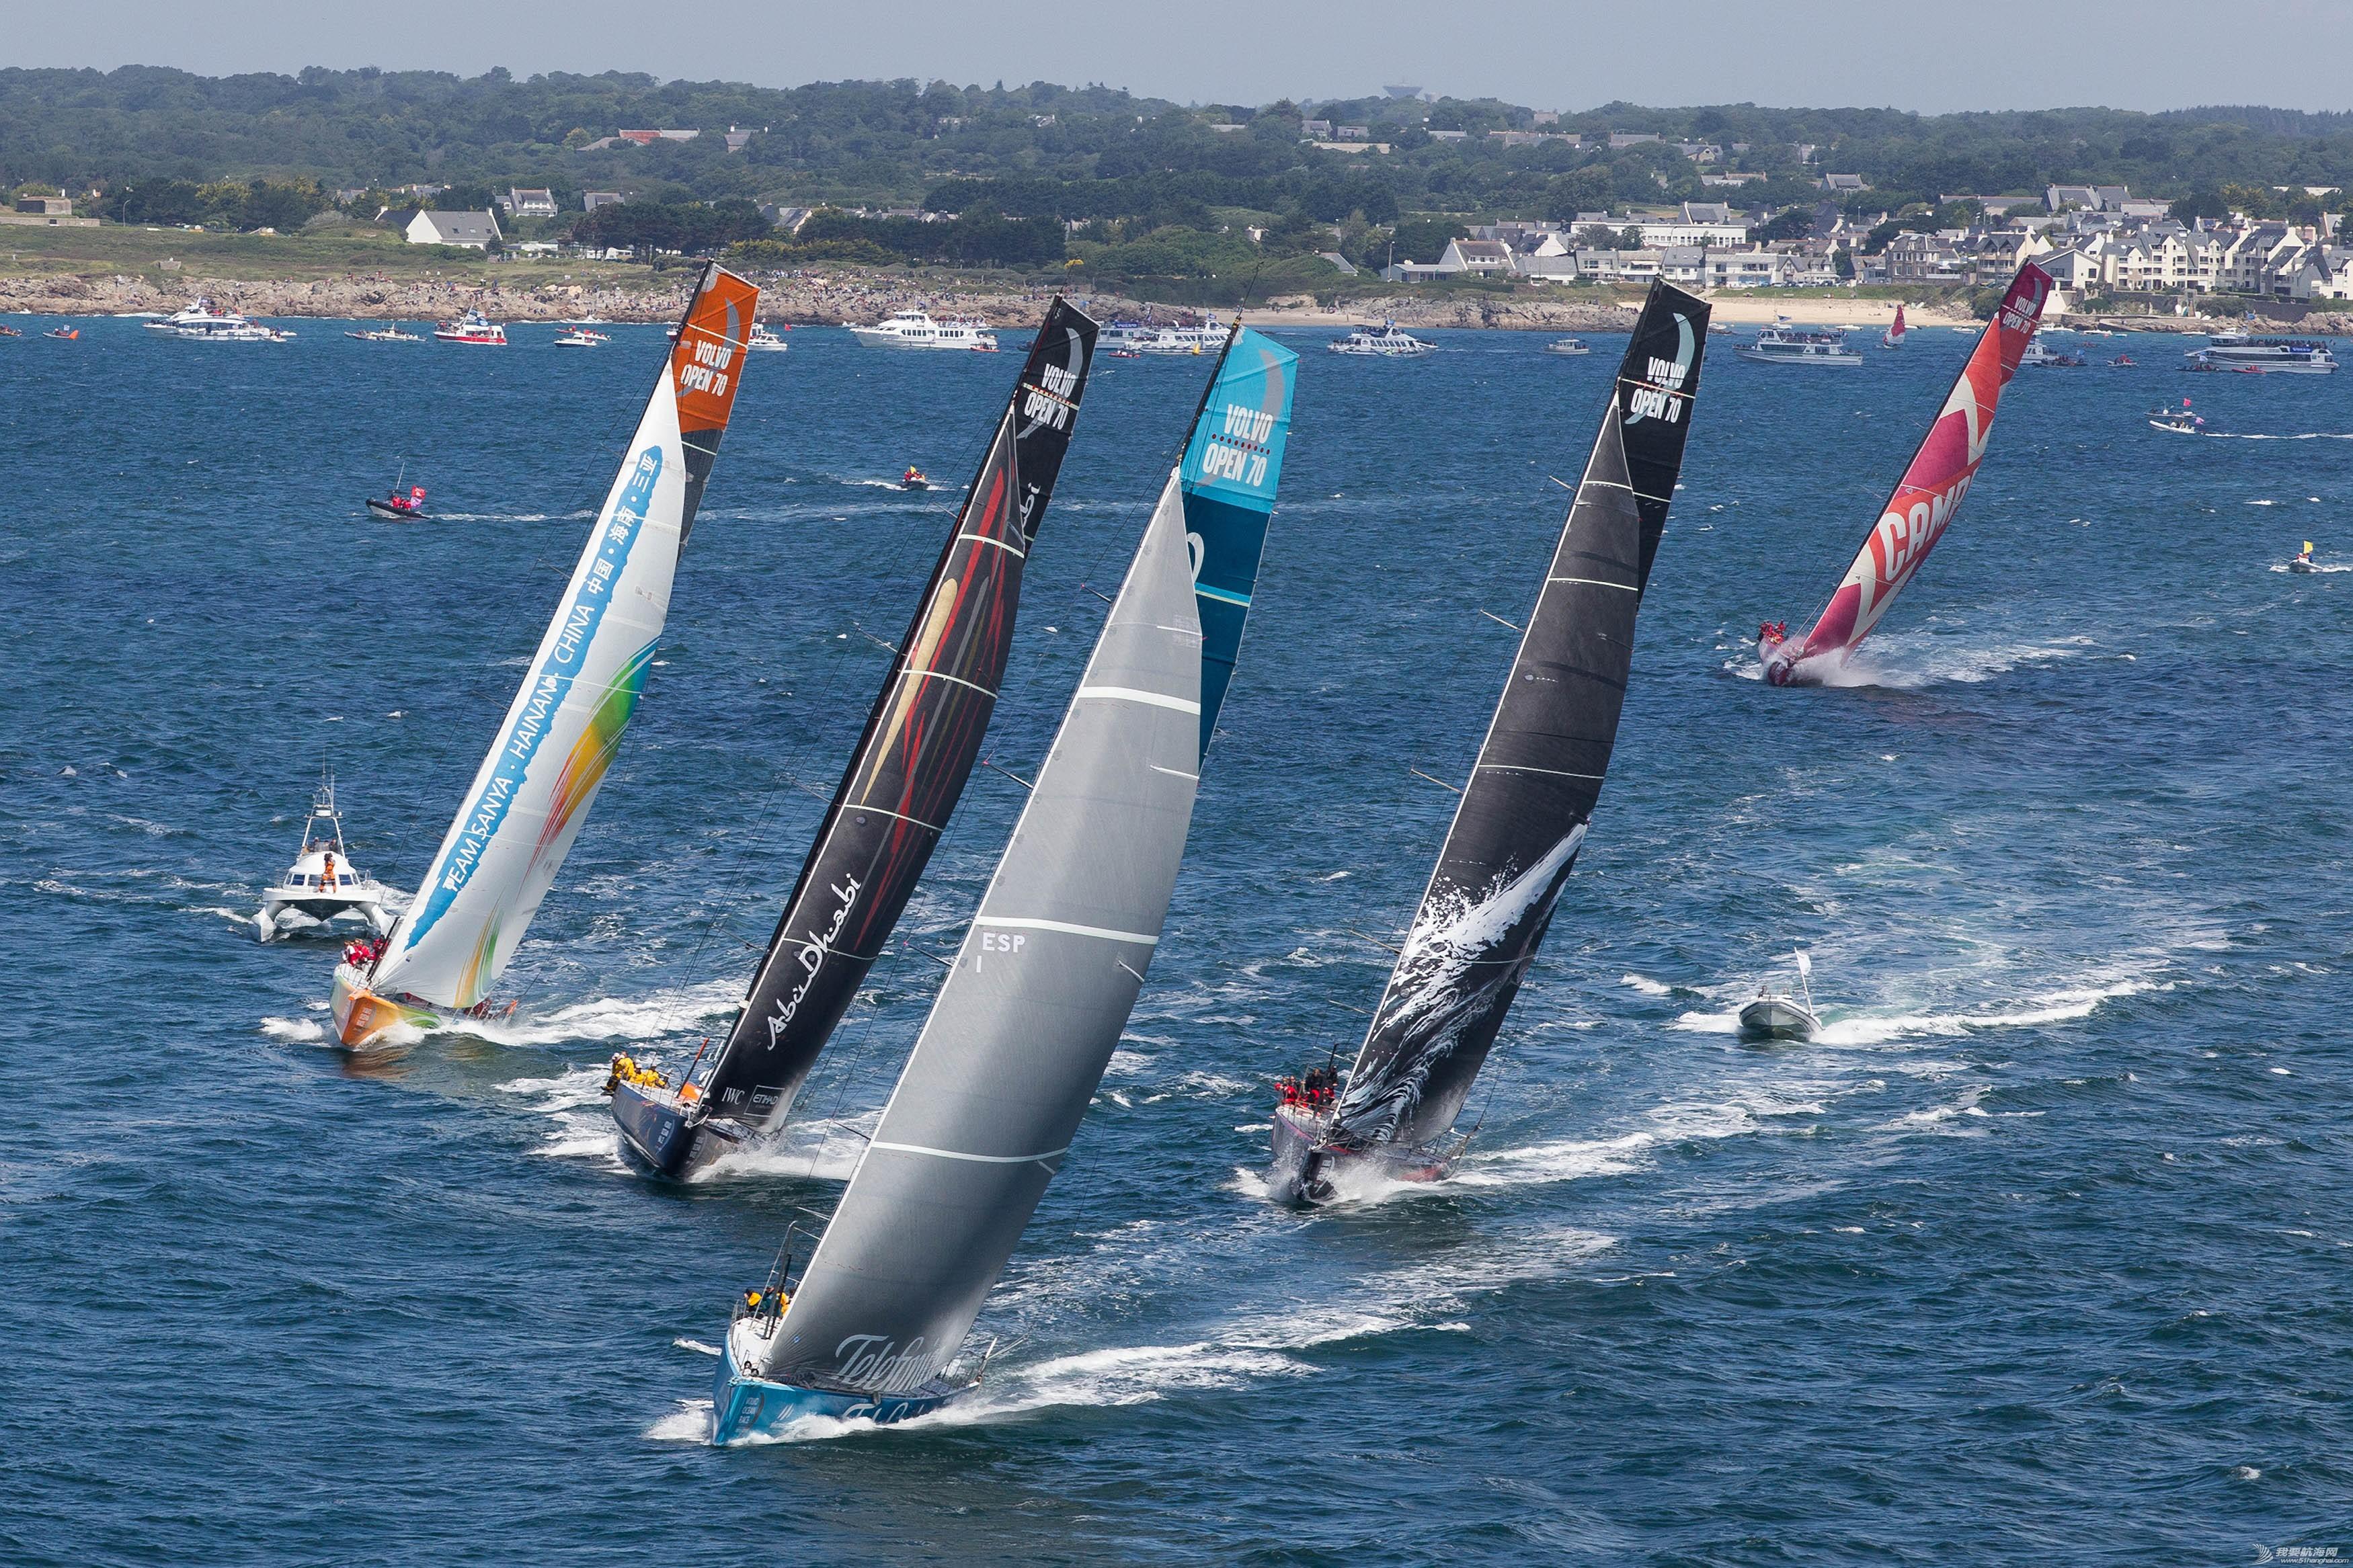 西班牙,沃尔沃,阿布扎比,阿联酋,帆船运动 2014-15沃尔沃环球帆船赛 为你讲述生活在极限的故事 1.jpg